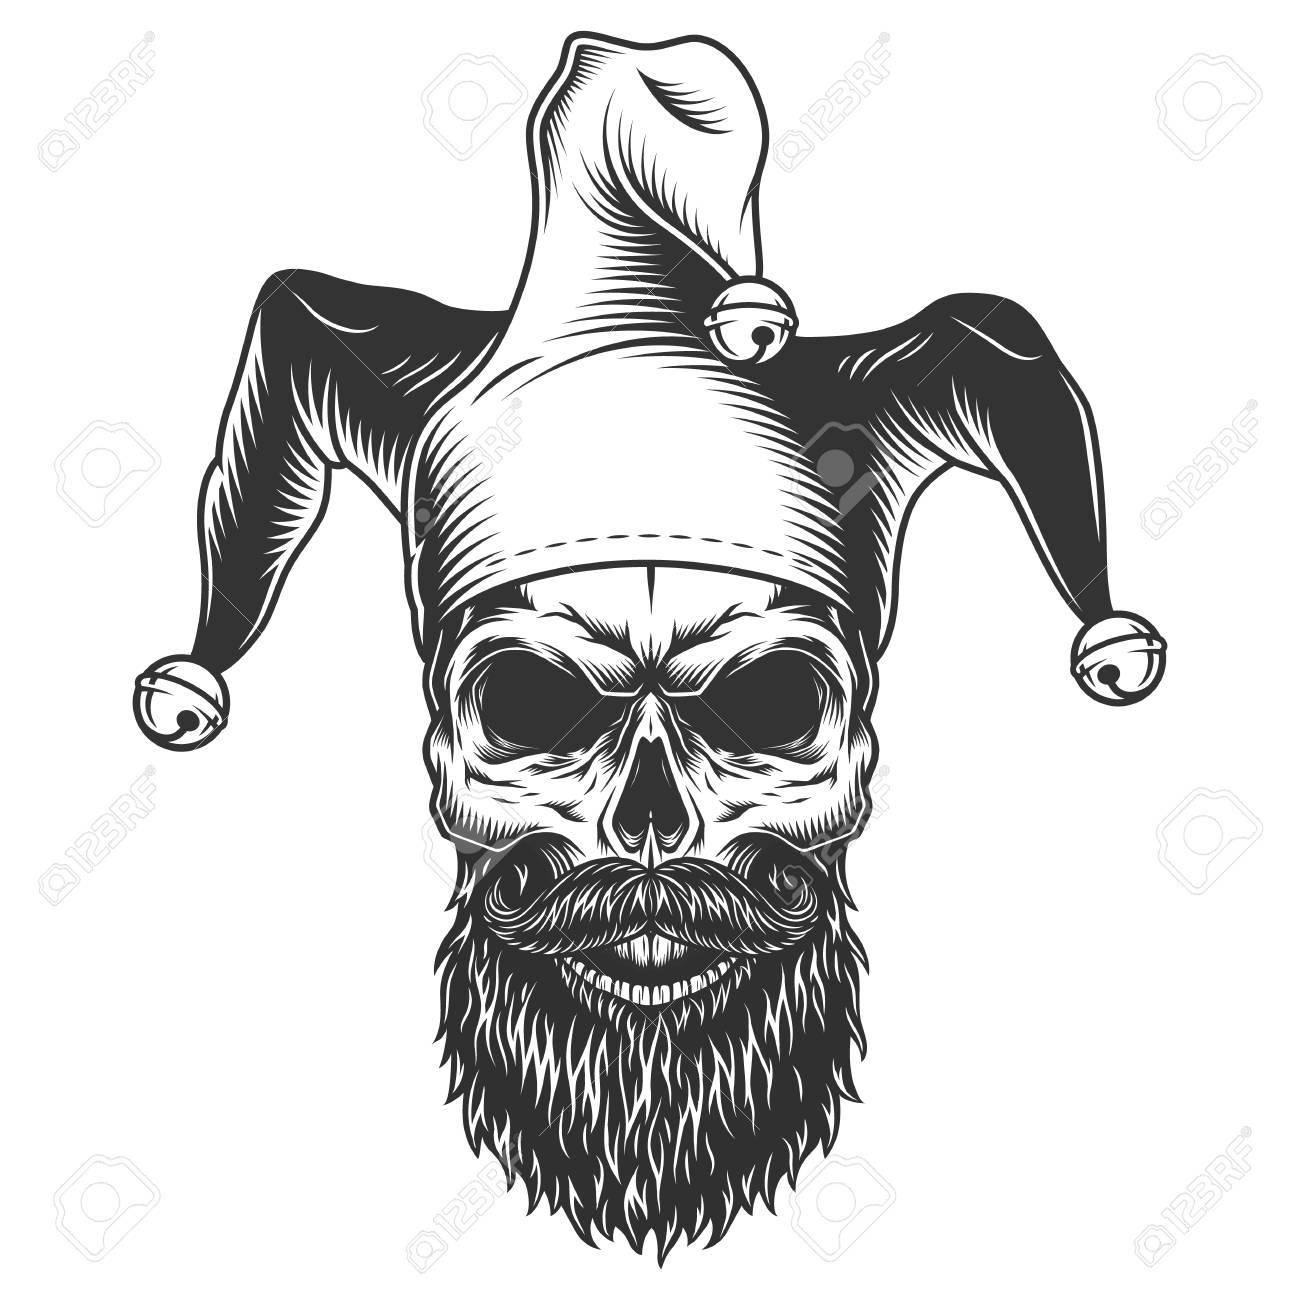 Skull in the jester hat - 105724782